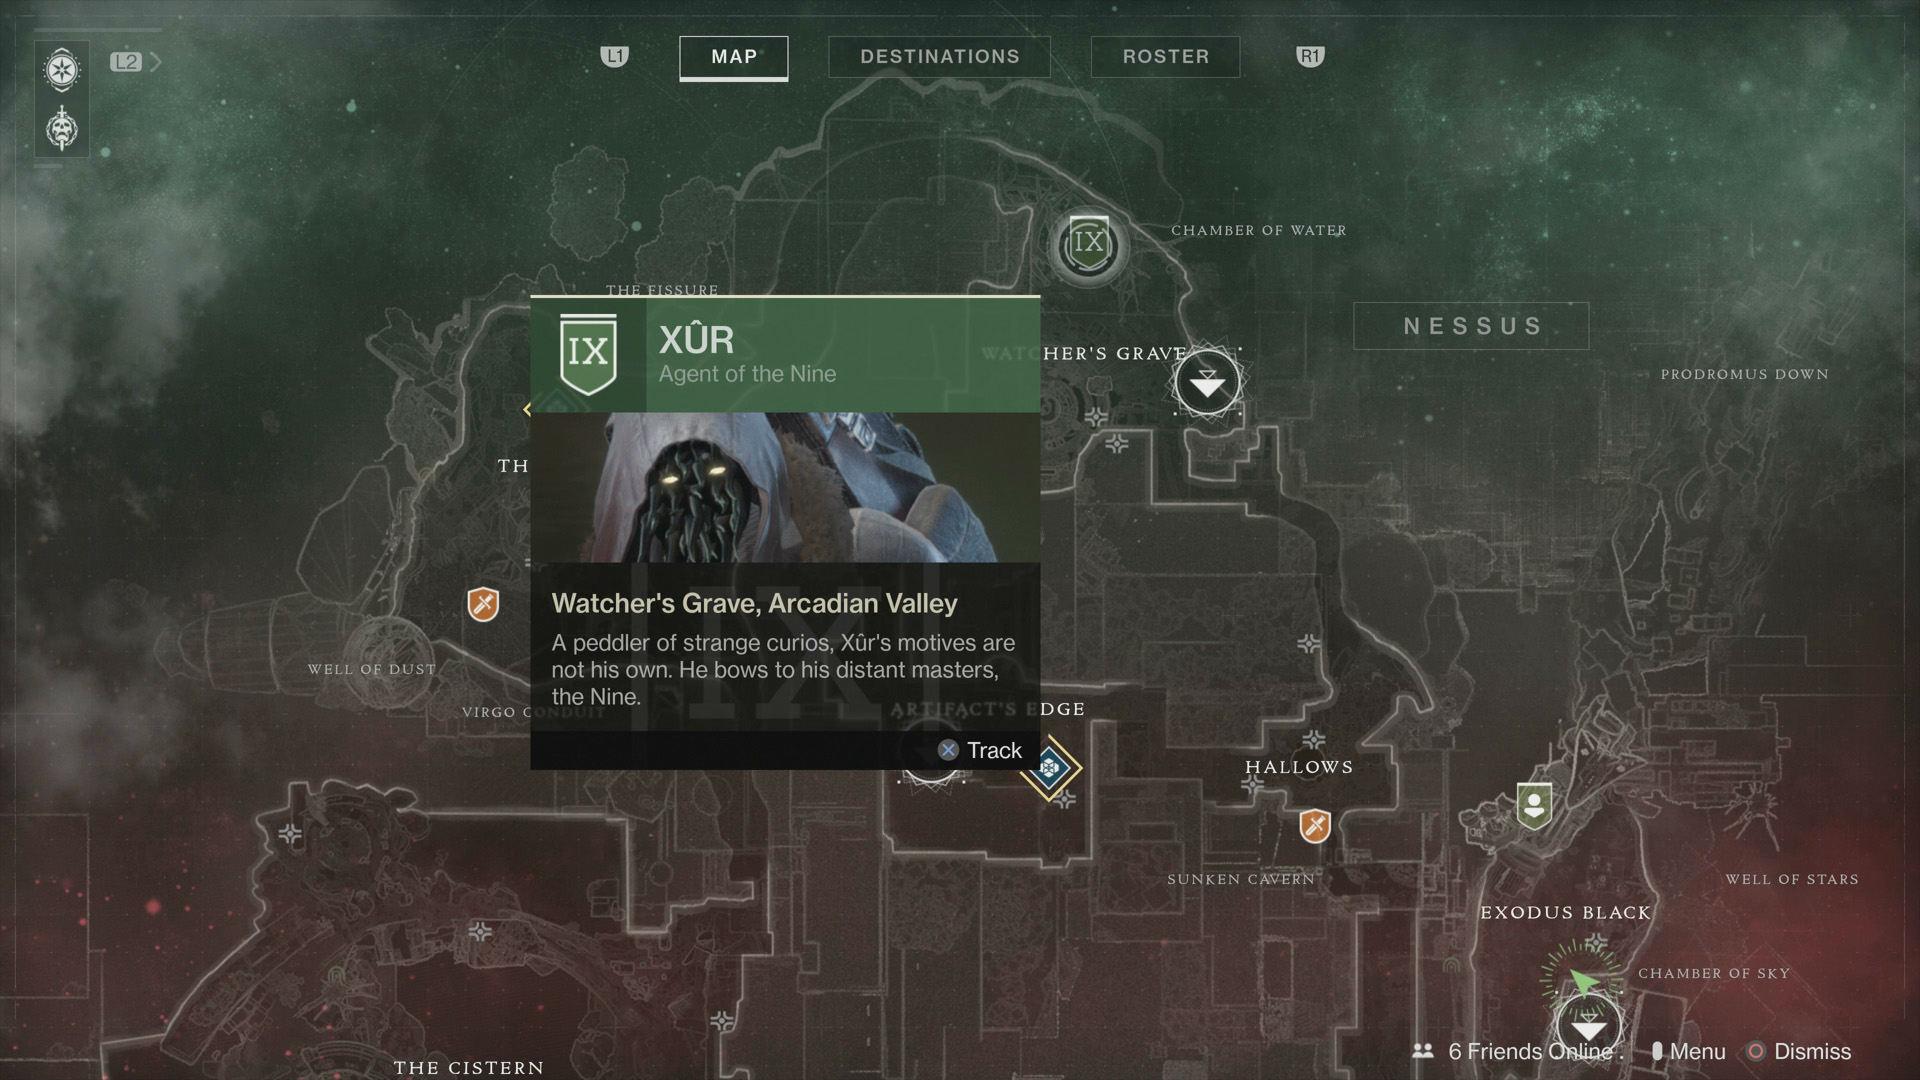 localización Xur Destiny 2